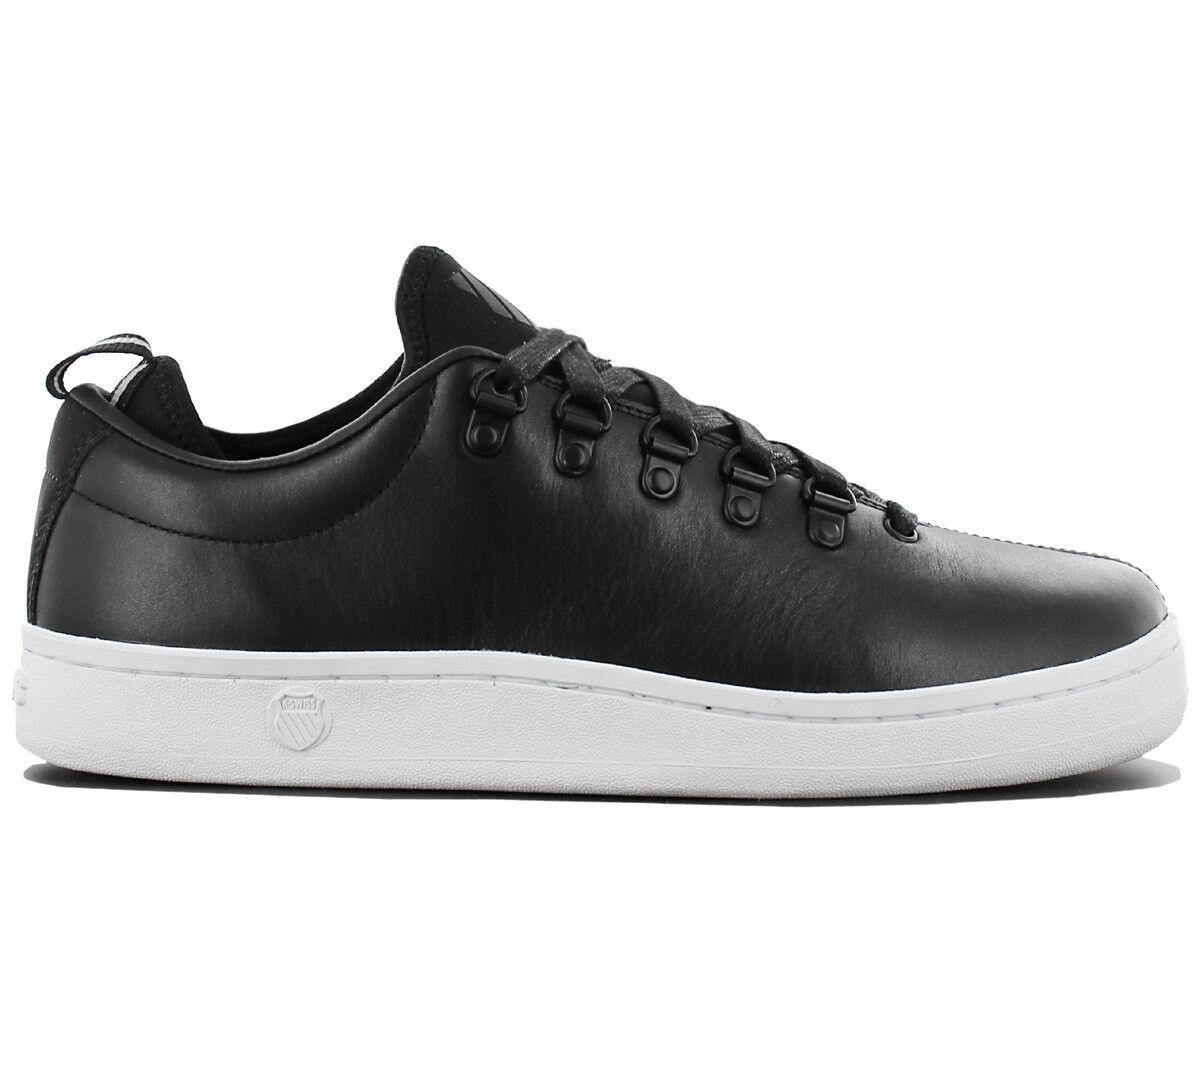 K-Swiss Classic 88 Herren Sneaker Schuhe Leder Schwarz Turnschuhe 66 05370002